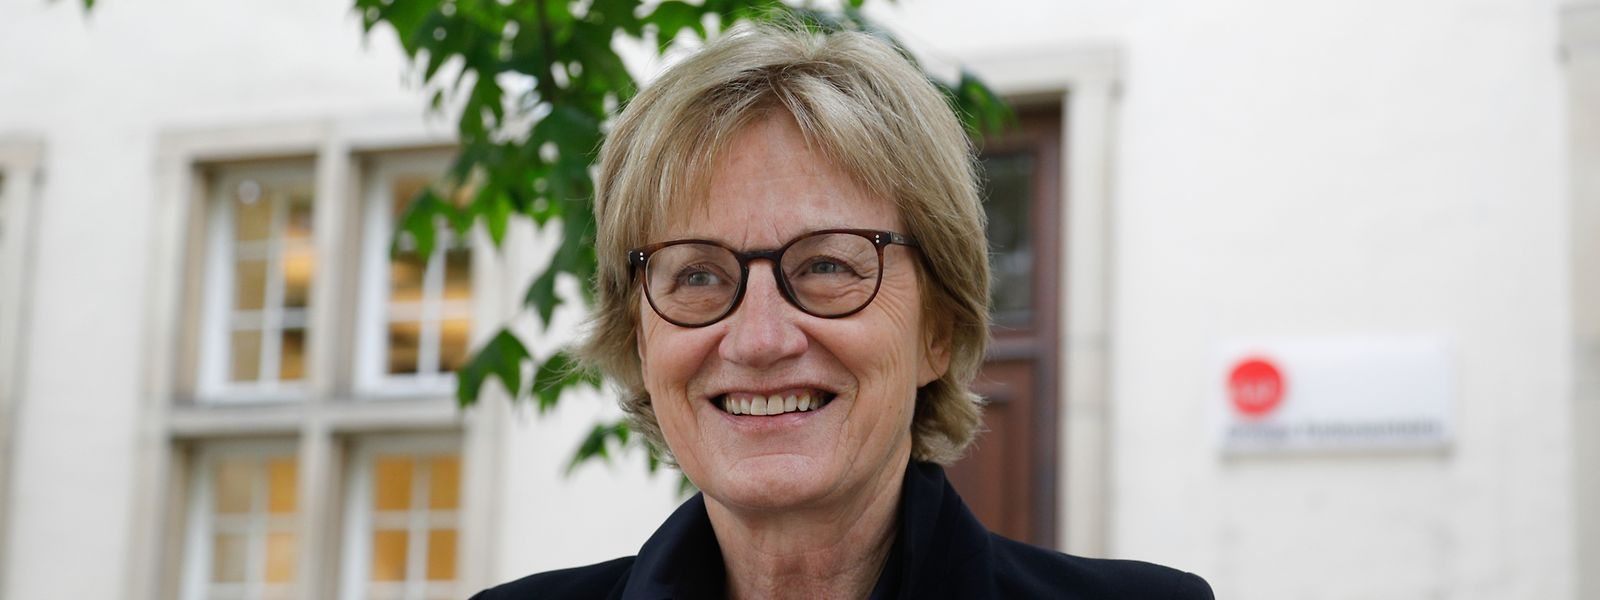 Mady Delvaux (LSAP) saß im Gemeinderat der Stadt Luxemburg, war Staatssekretärin, dann  Ministerin für soziale Sicherheit und sie leitete zehn Jahre lang das Bildungsressort. Die letzten fünf Jahre vertrat sie Luxemburg im Europaparlament.